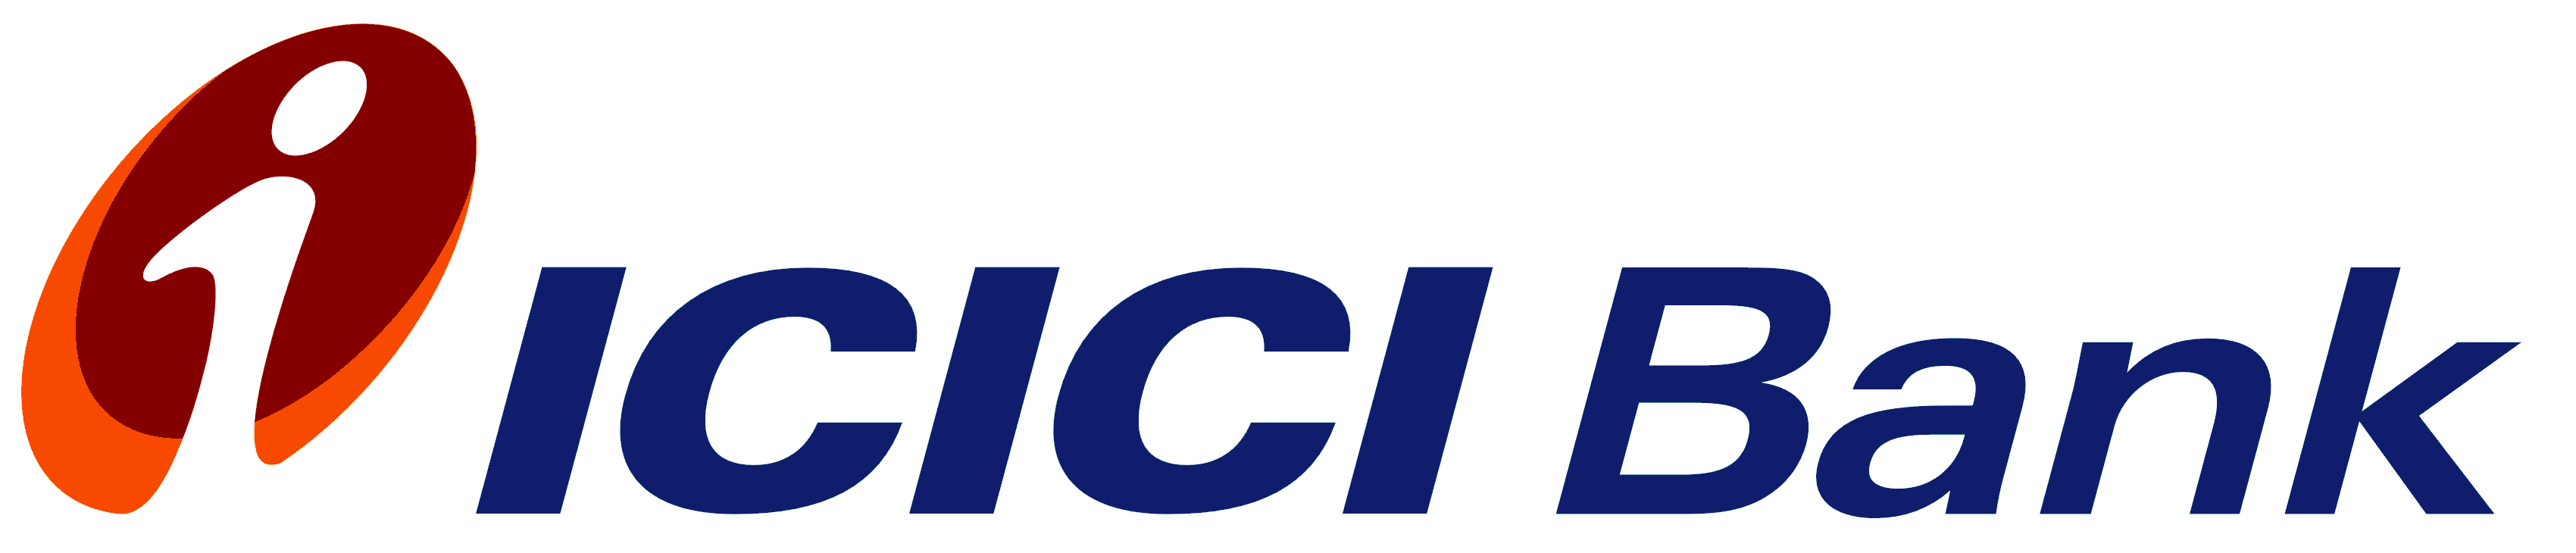 ICICI SALES 2018-19